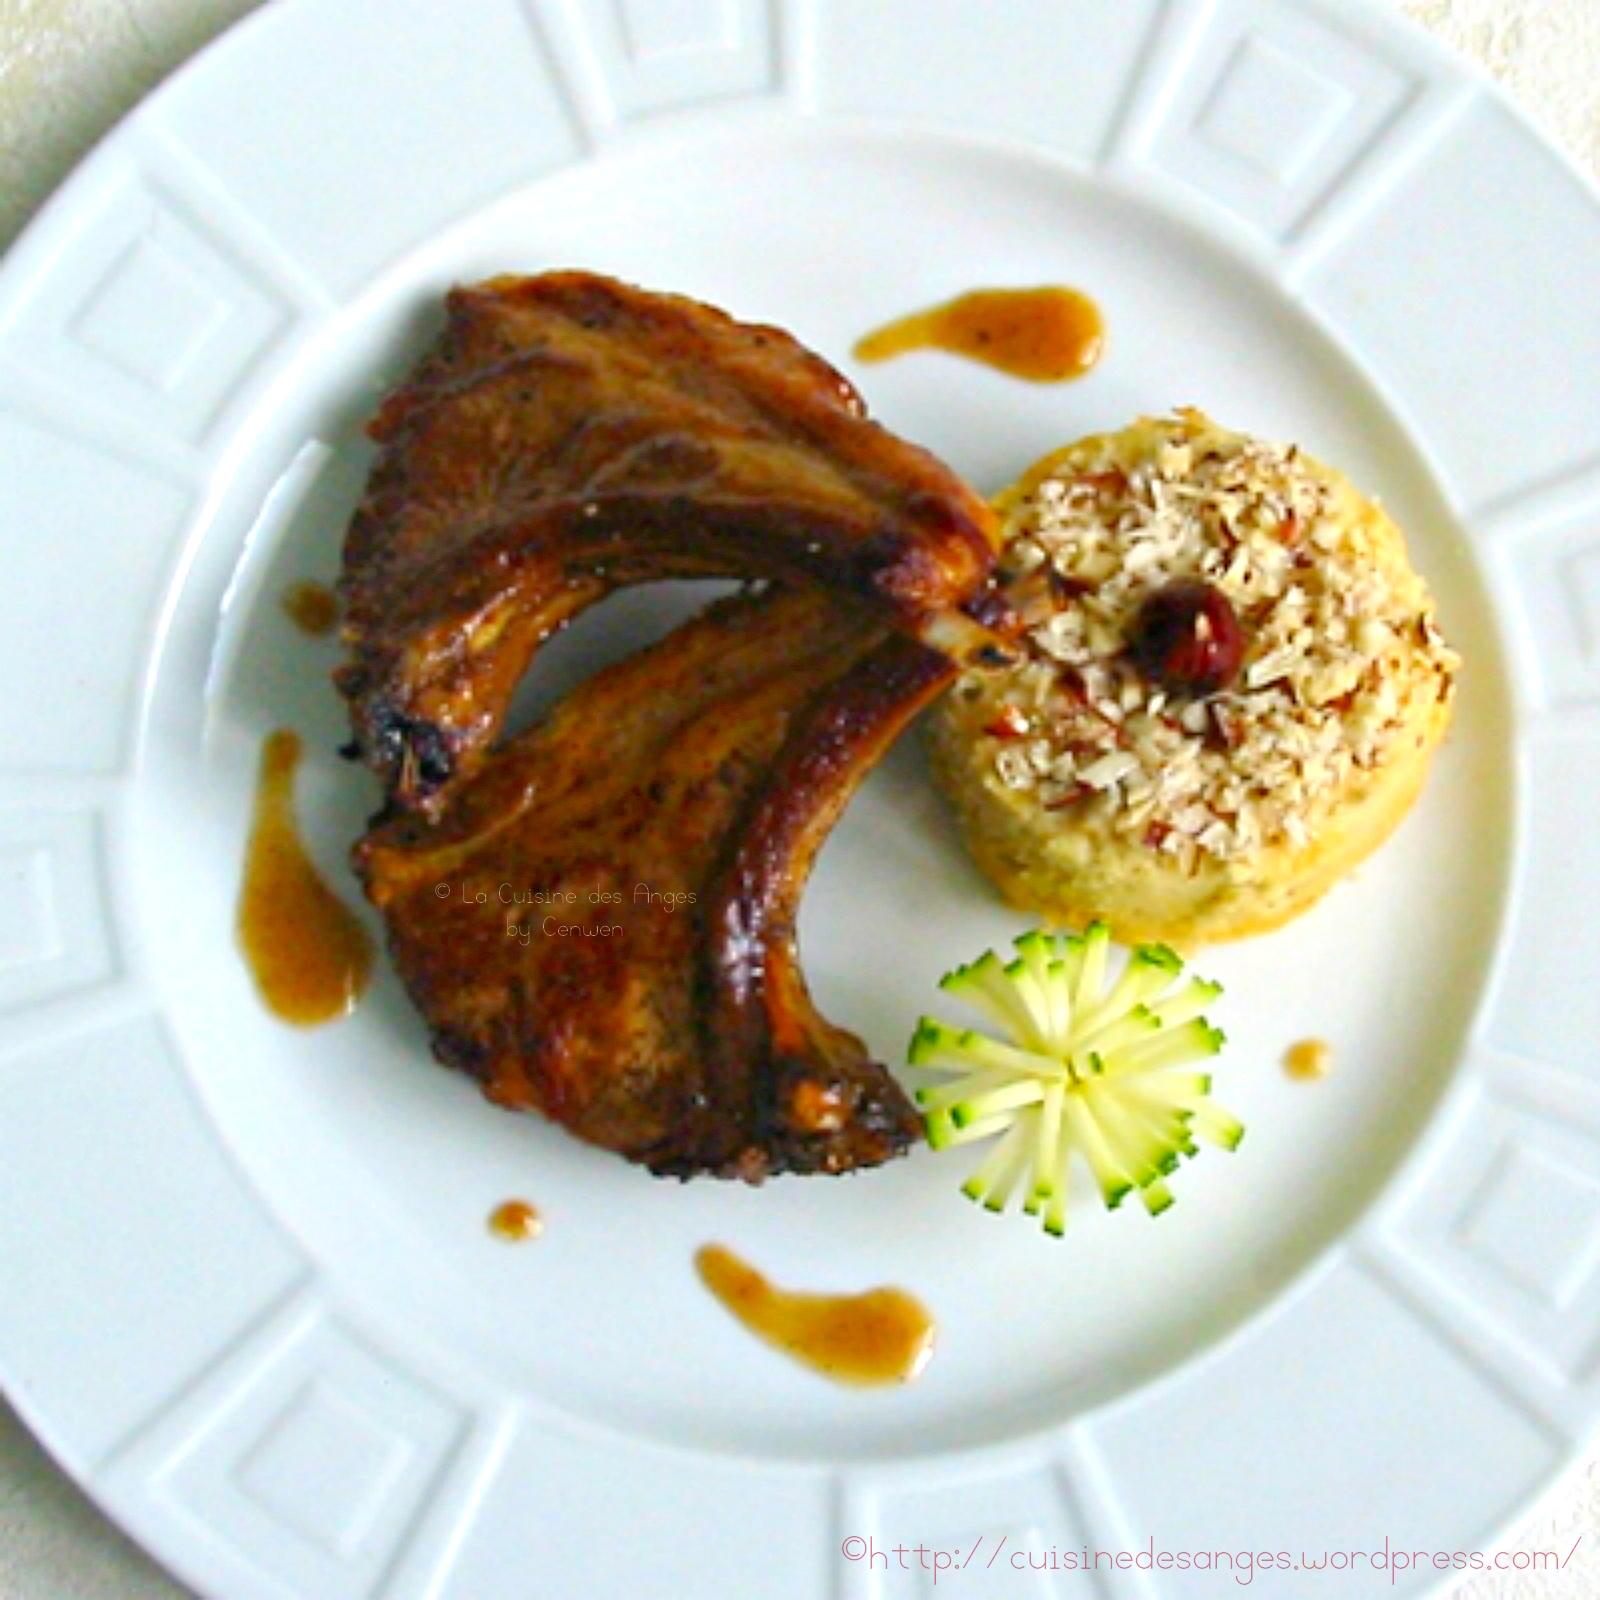 Les recettes conomiques page 4 la cuisine des anges - Cuisiner des haricots beurre ...